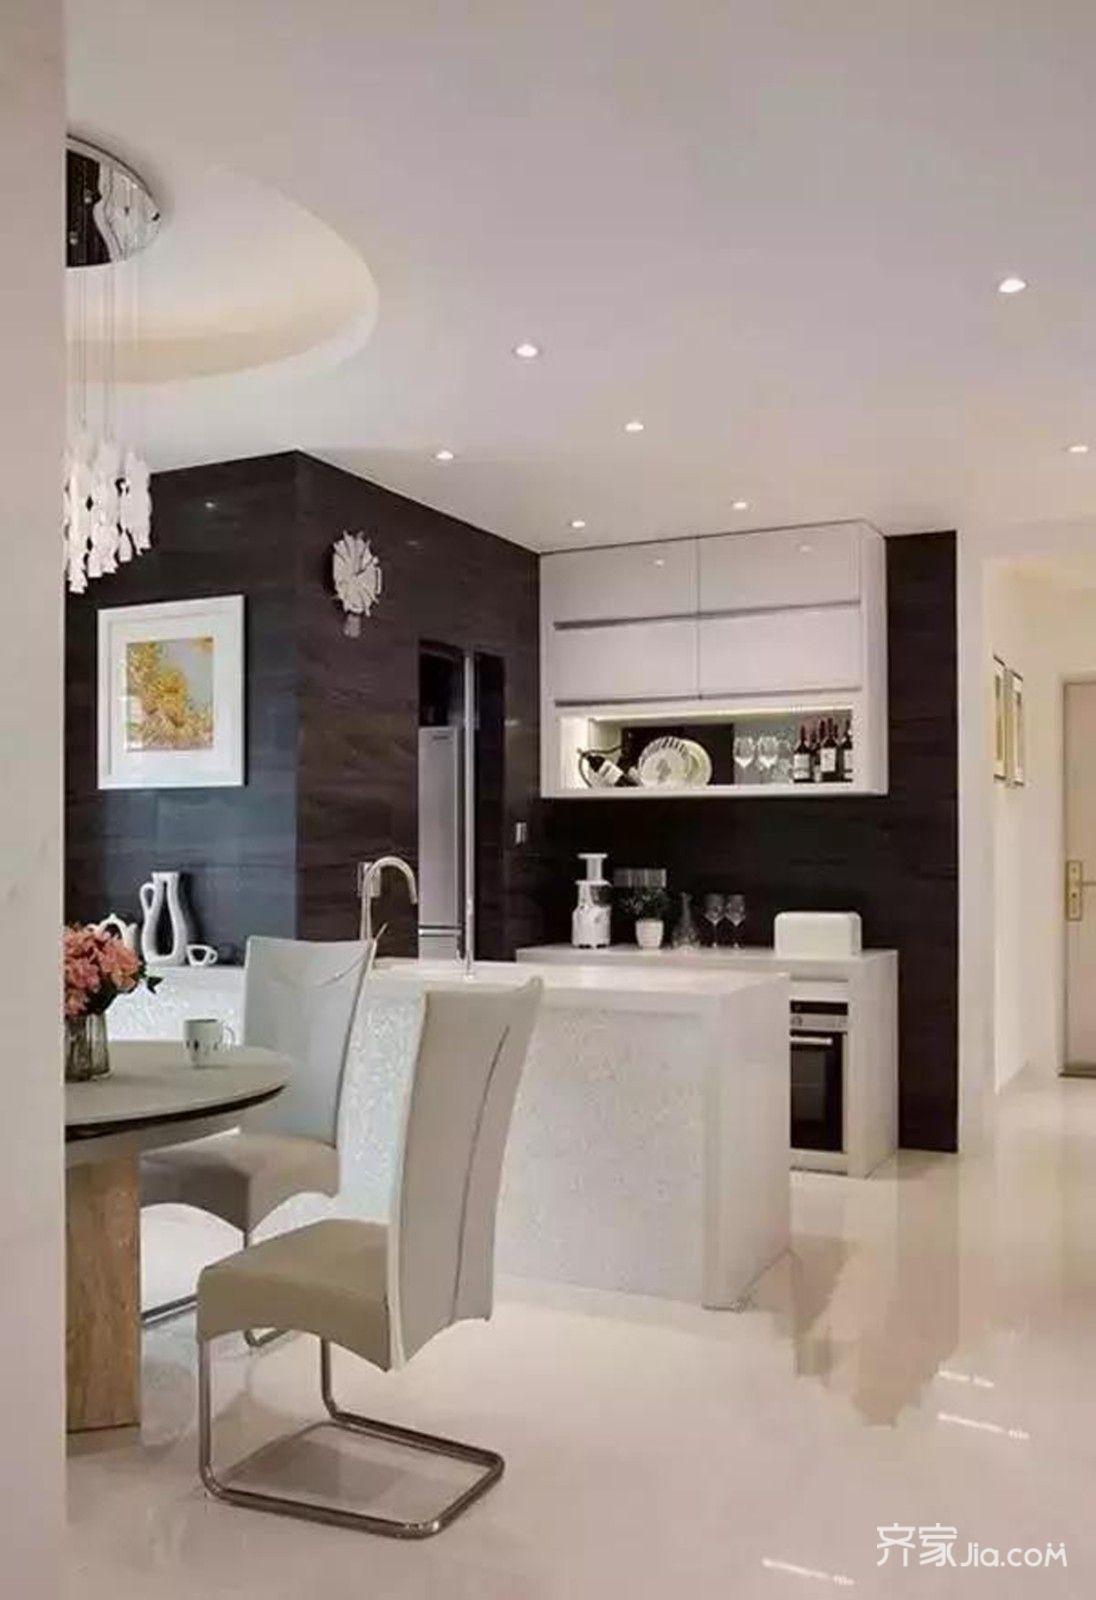 10万搞定的二居室装修厨房设计图